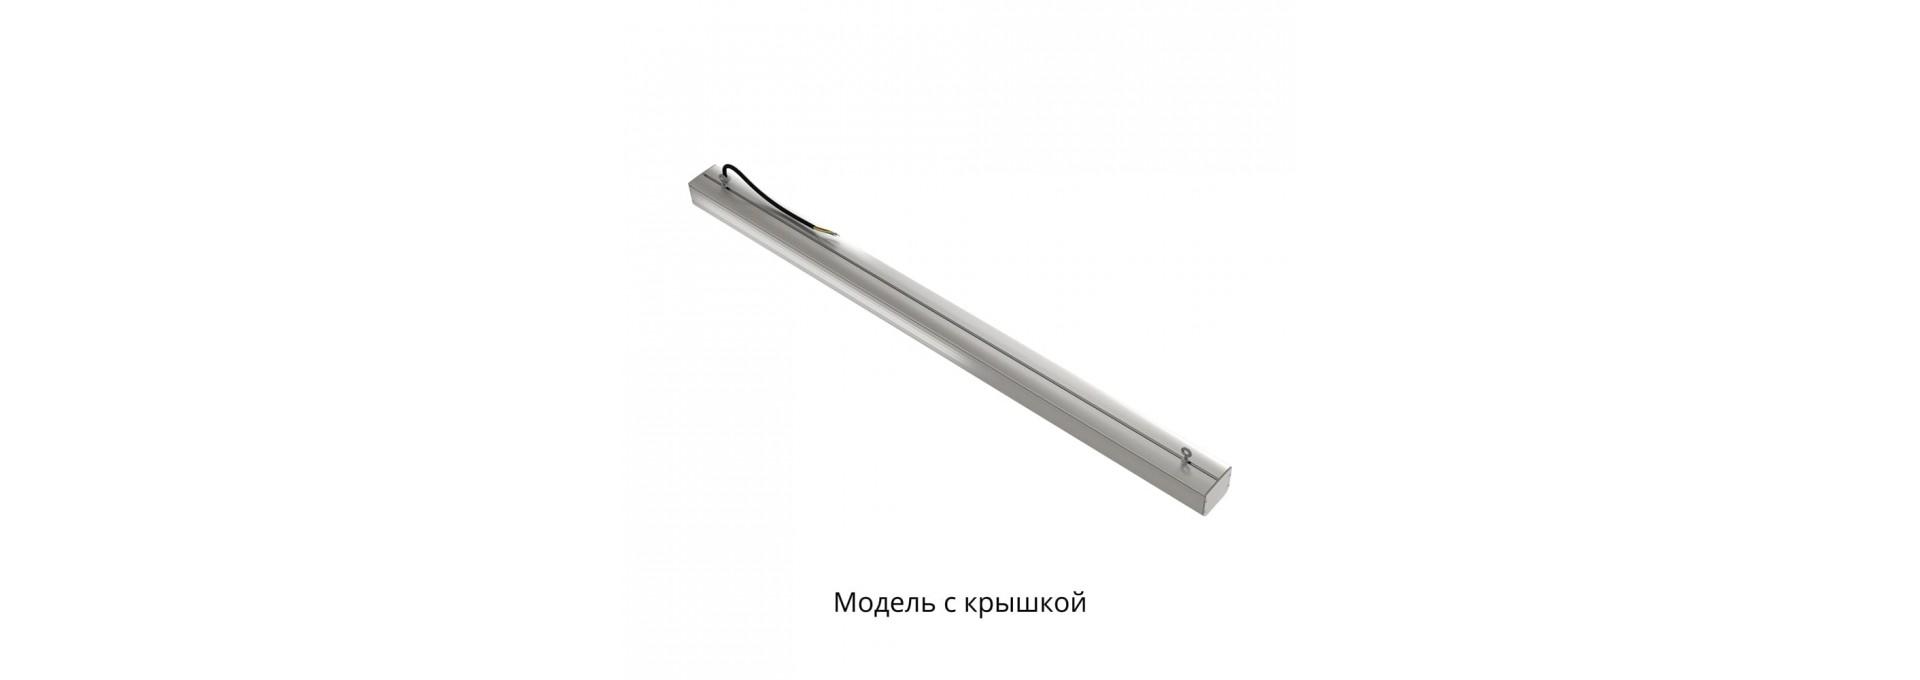 Маркет-Линия 20 1000мм 6500К Прозрачный